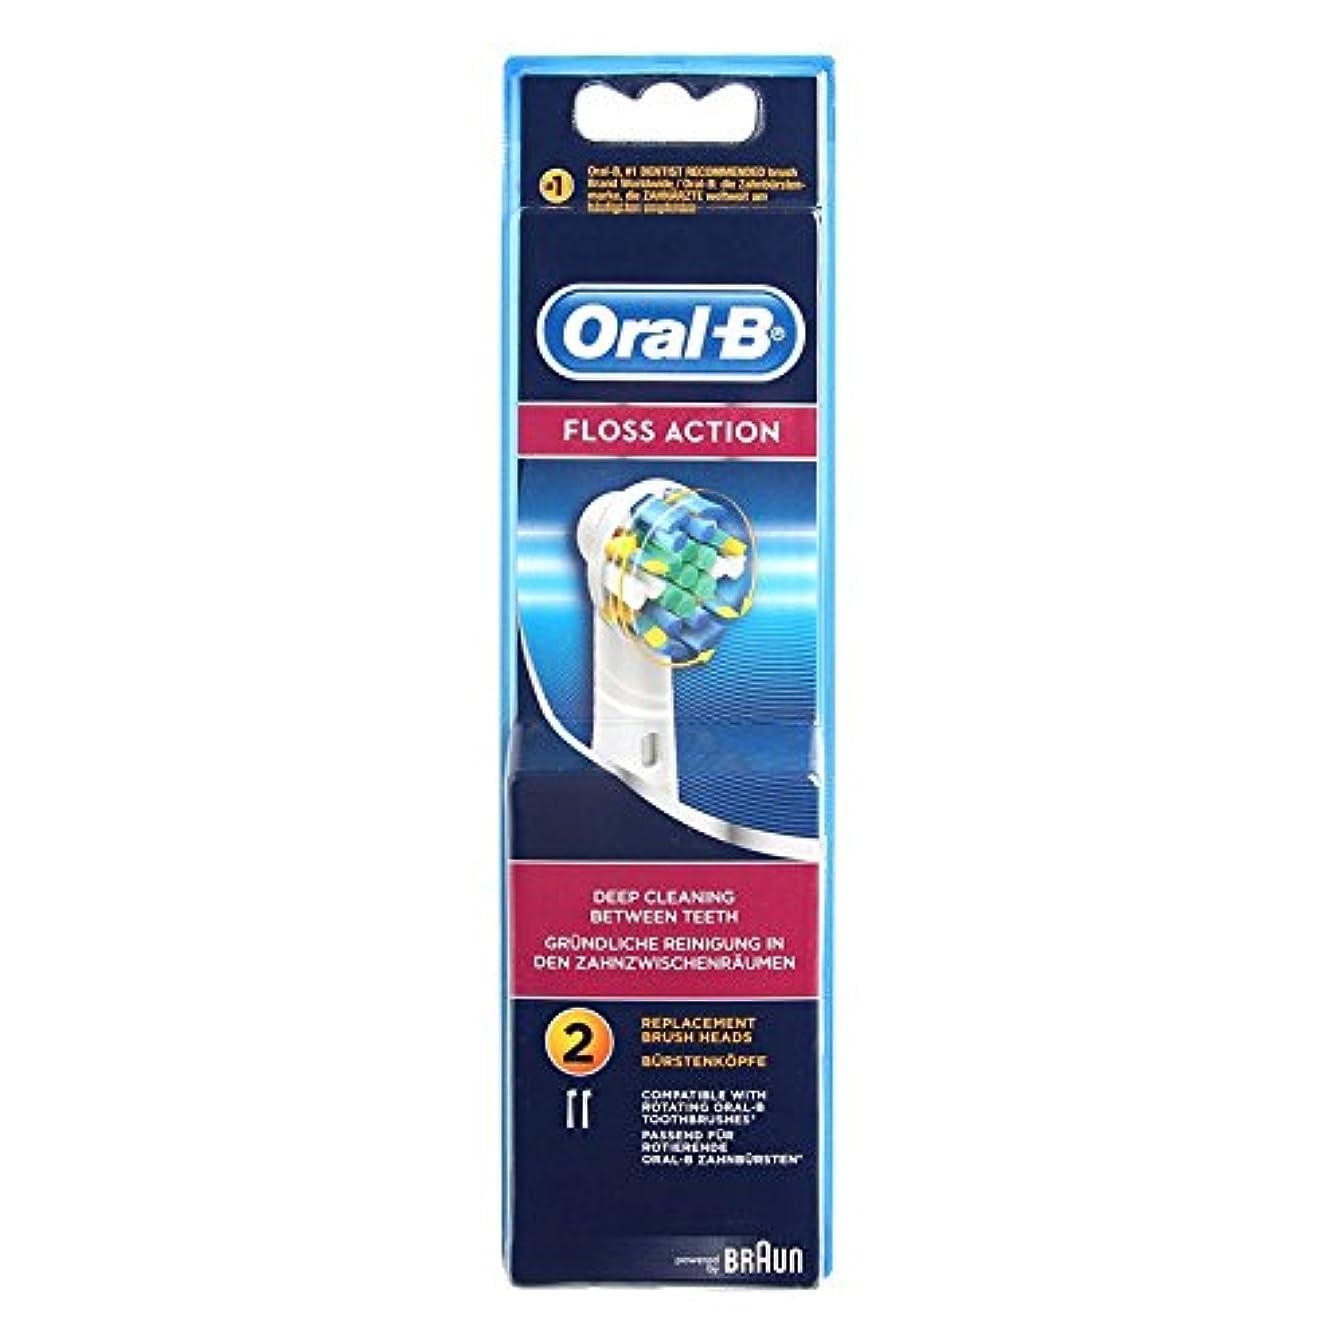 引く古くなった改善Braun Oral-B EB25-2 Floss Action 交換式充電式歯ブラシヘッド 1Pack [並行輸入品]